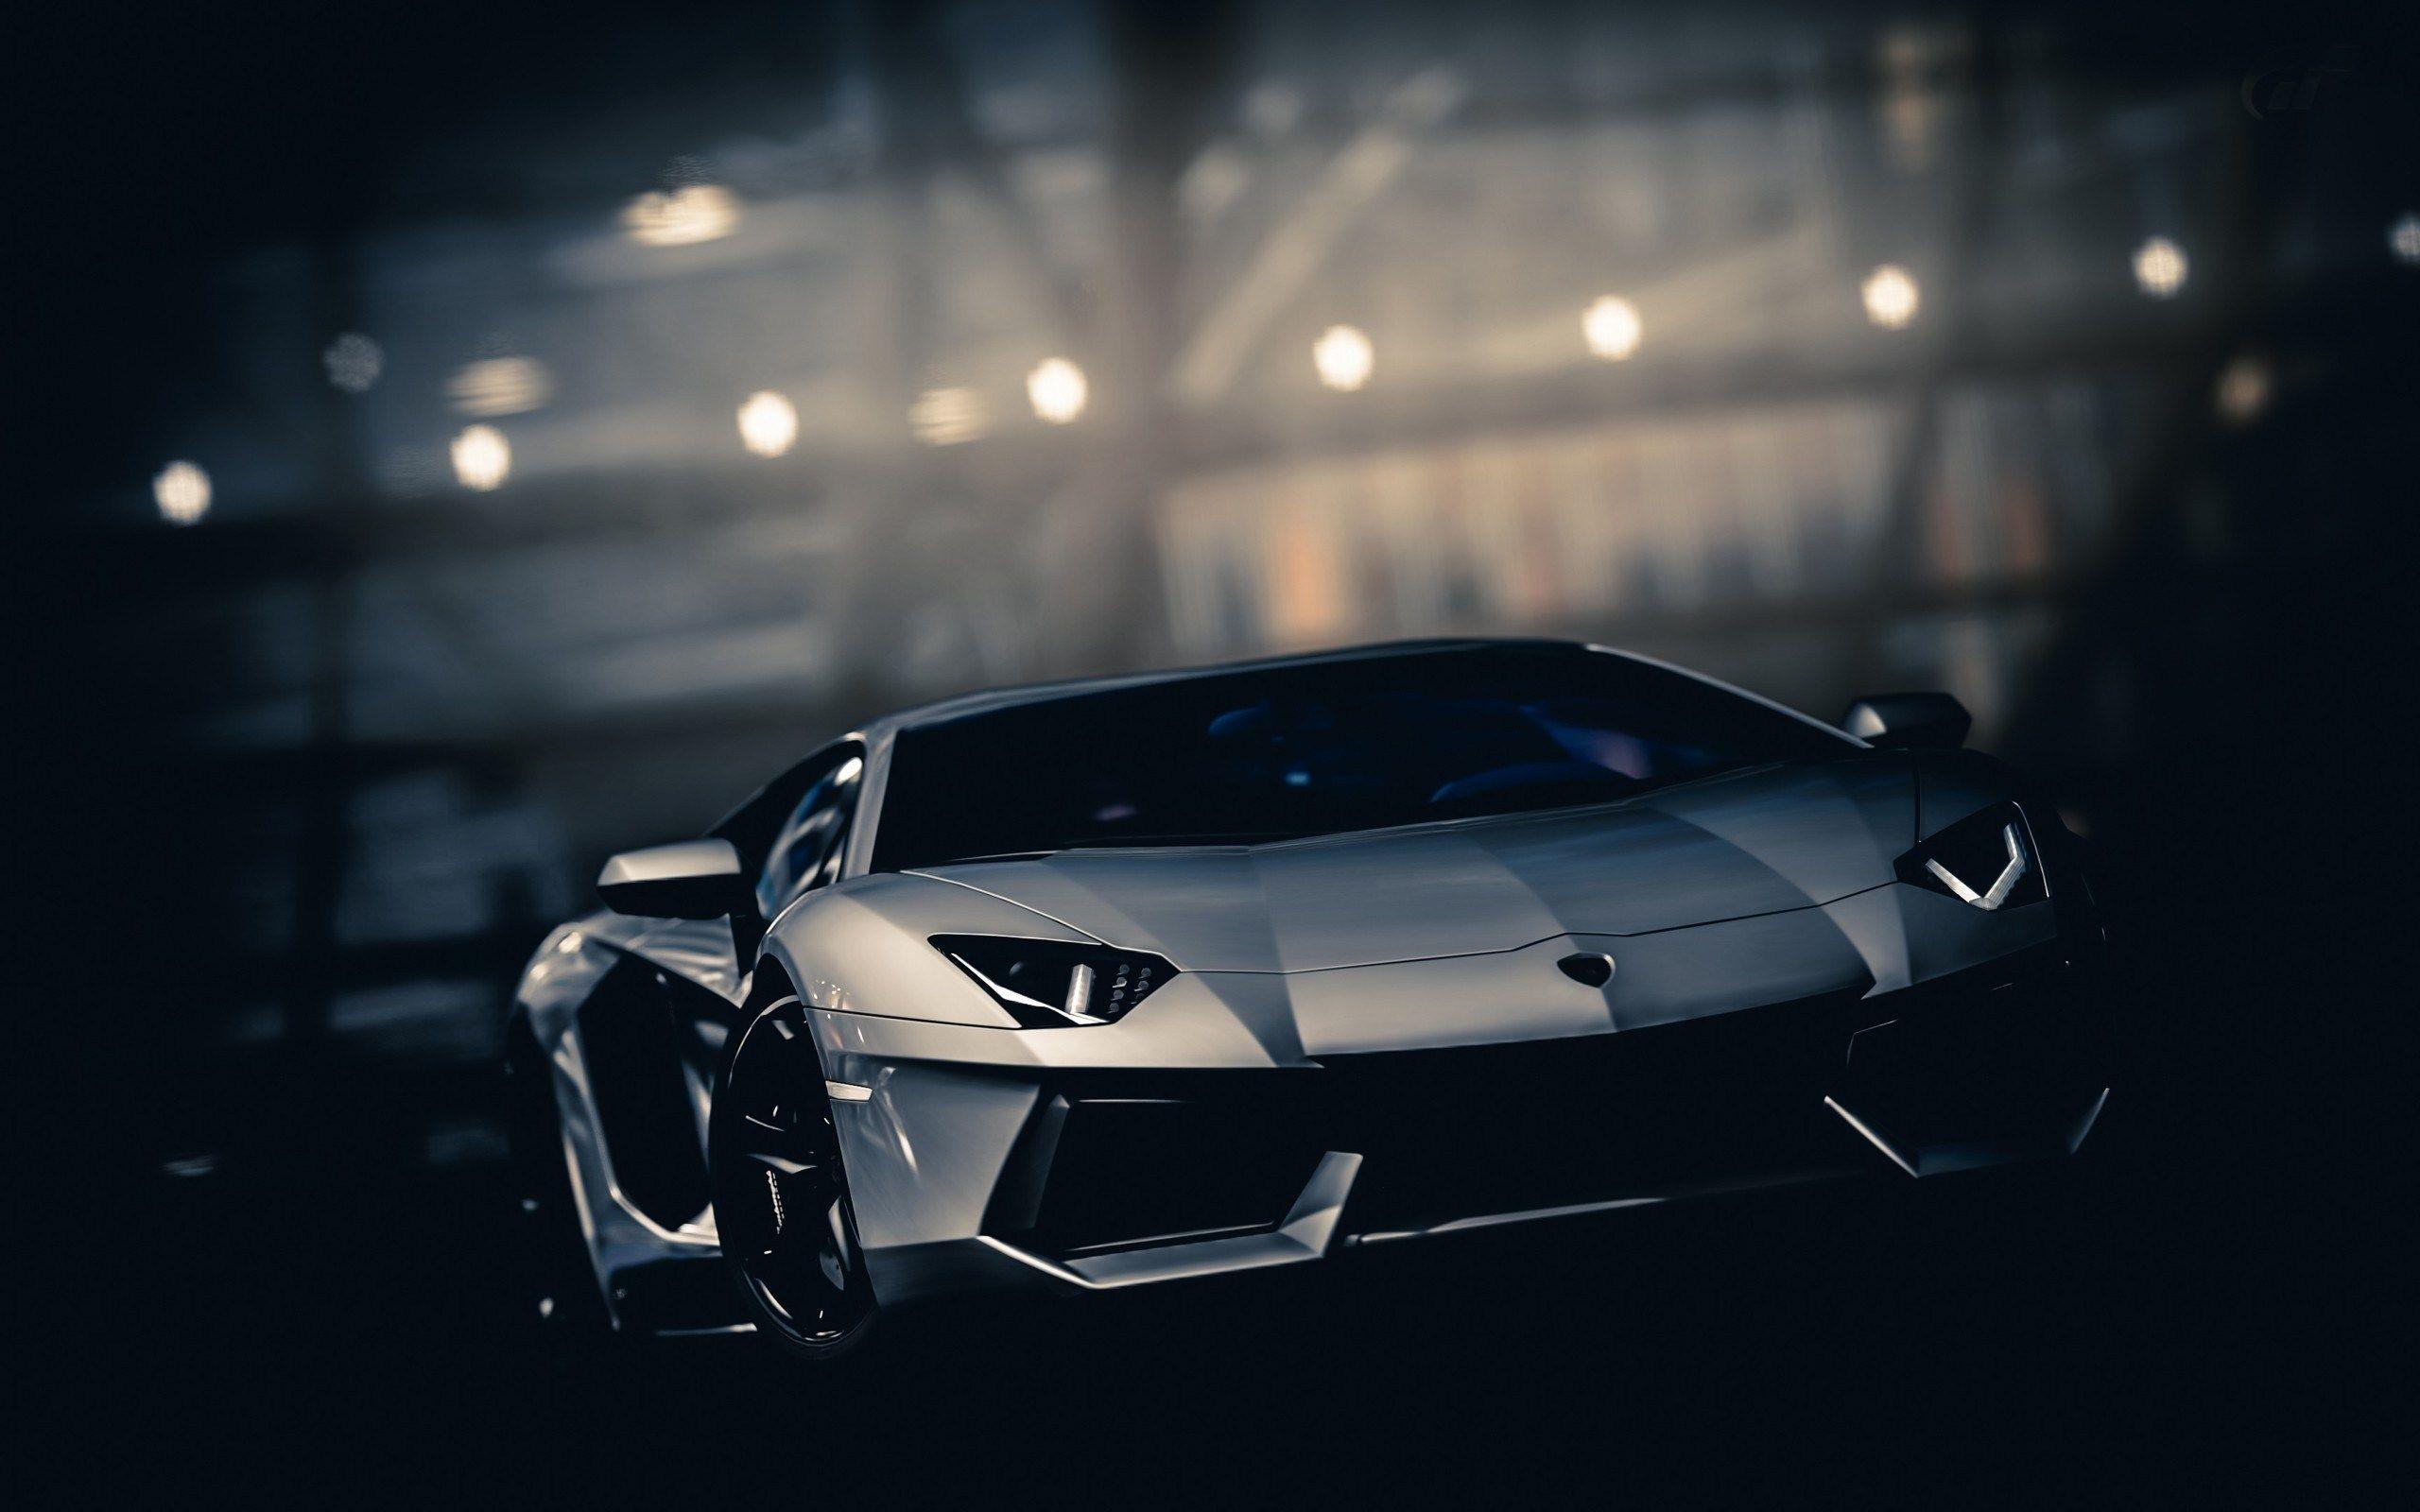 50 Super Sports Car Wallpapers That'll Blow Your Desktop Away | Lamborghini  aventador wallpaper, Sports car wallpaper, Lamborghini cars